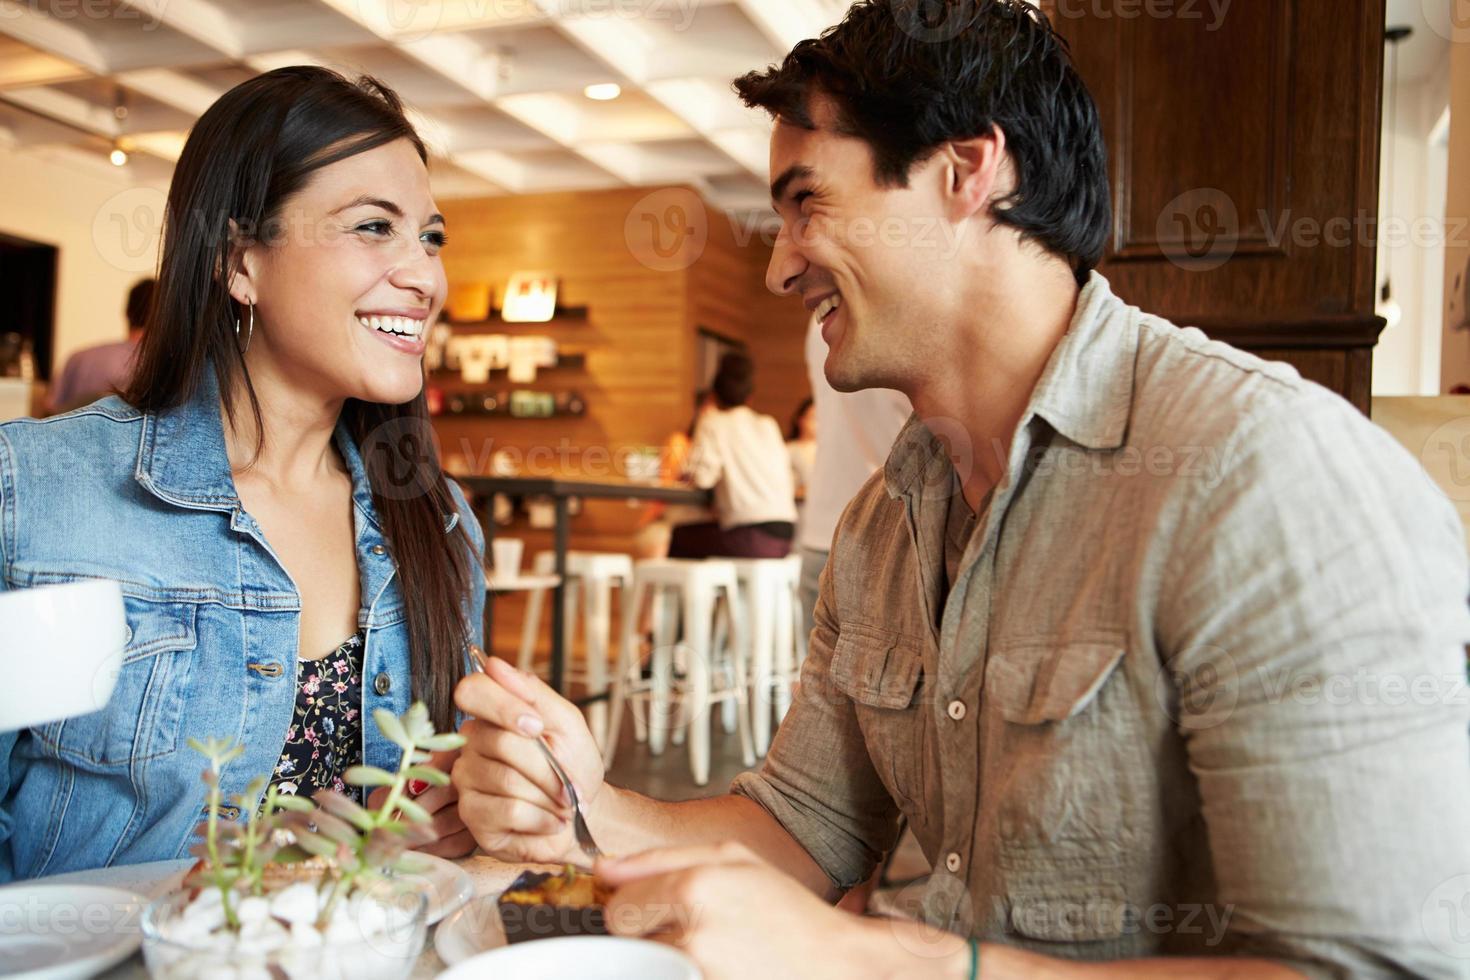 Paartreffen im geschäftigen Café-Restaurant foto